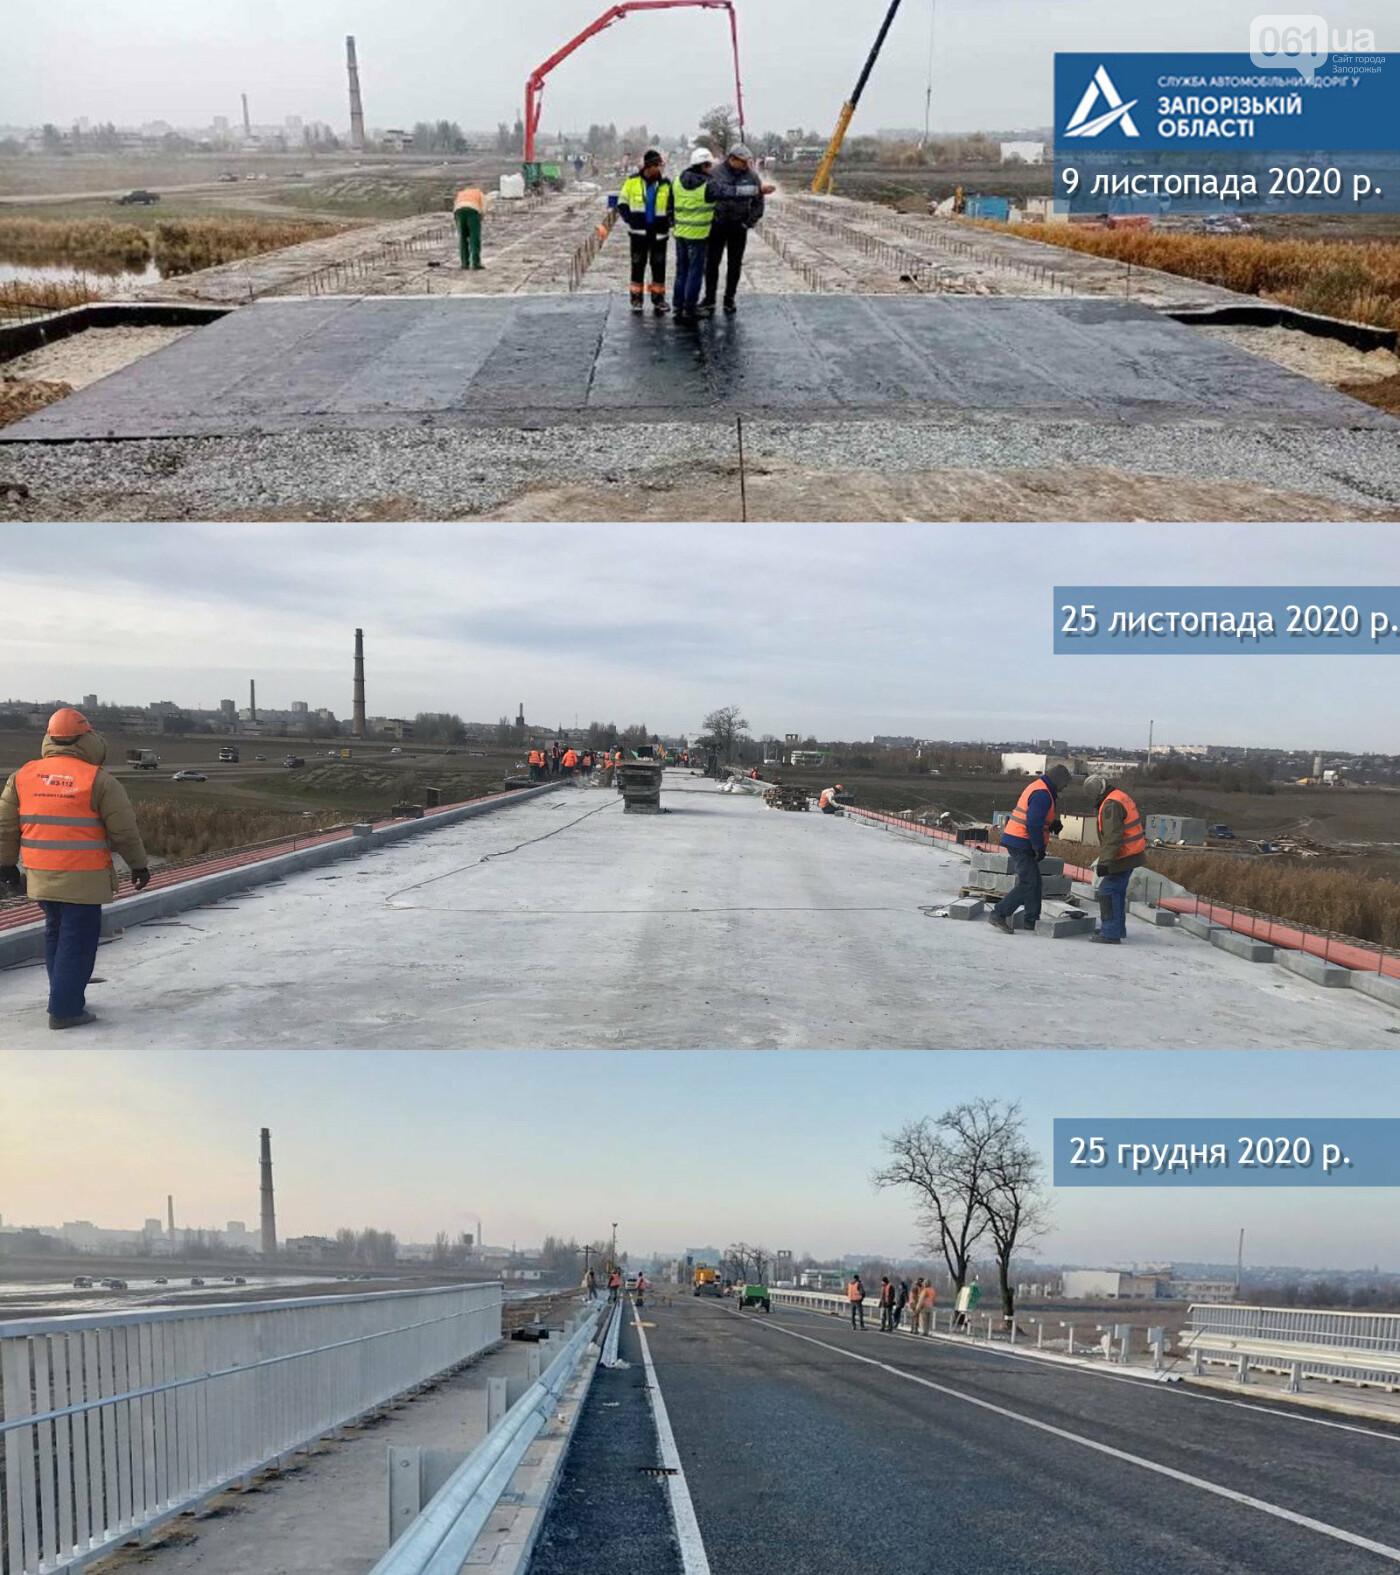 В Мелитополе завершился ремонт моста, построенного 50 лет назад , фото-3